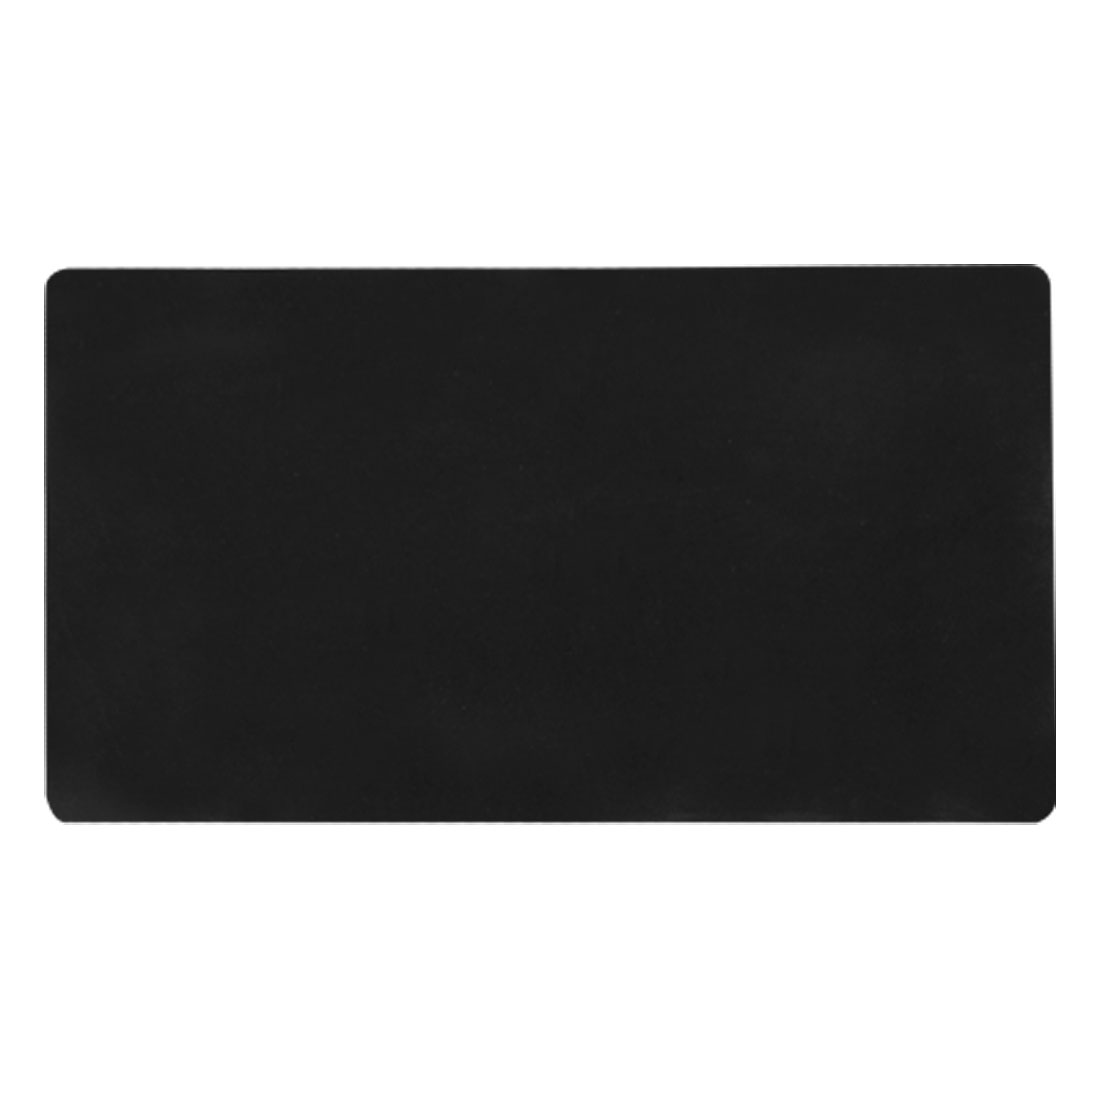 Car Vehicle Phone MP4 Black Gel Holder Nonslip Pad Mat